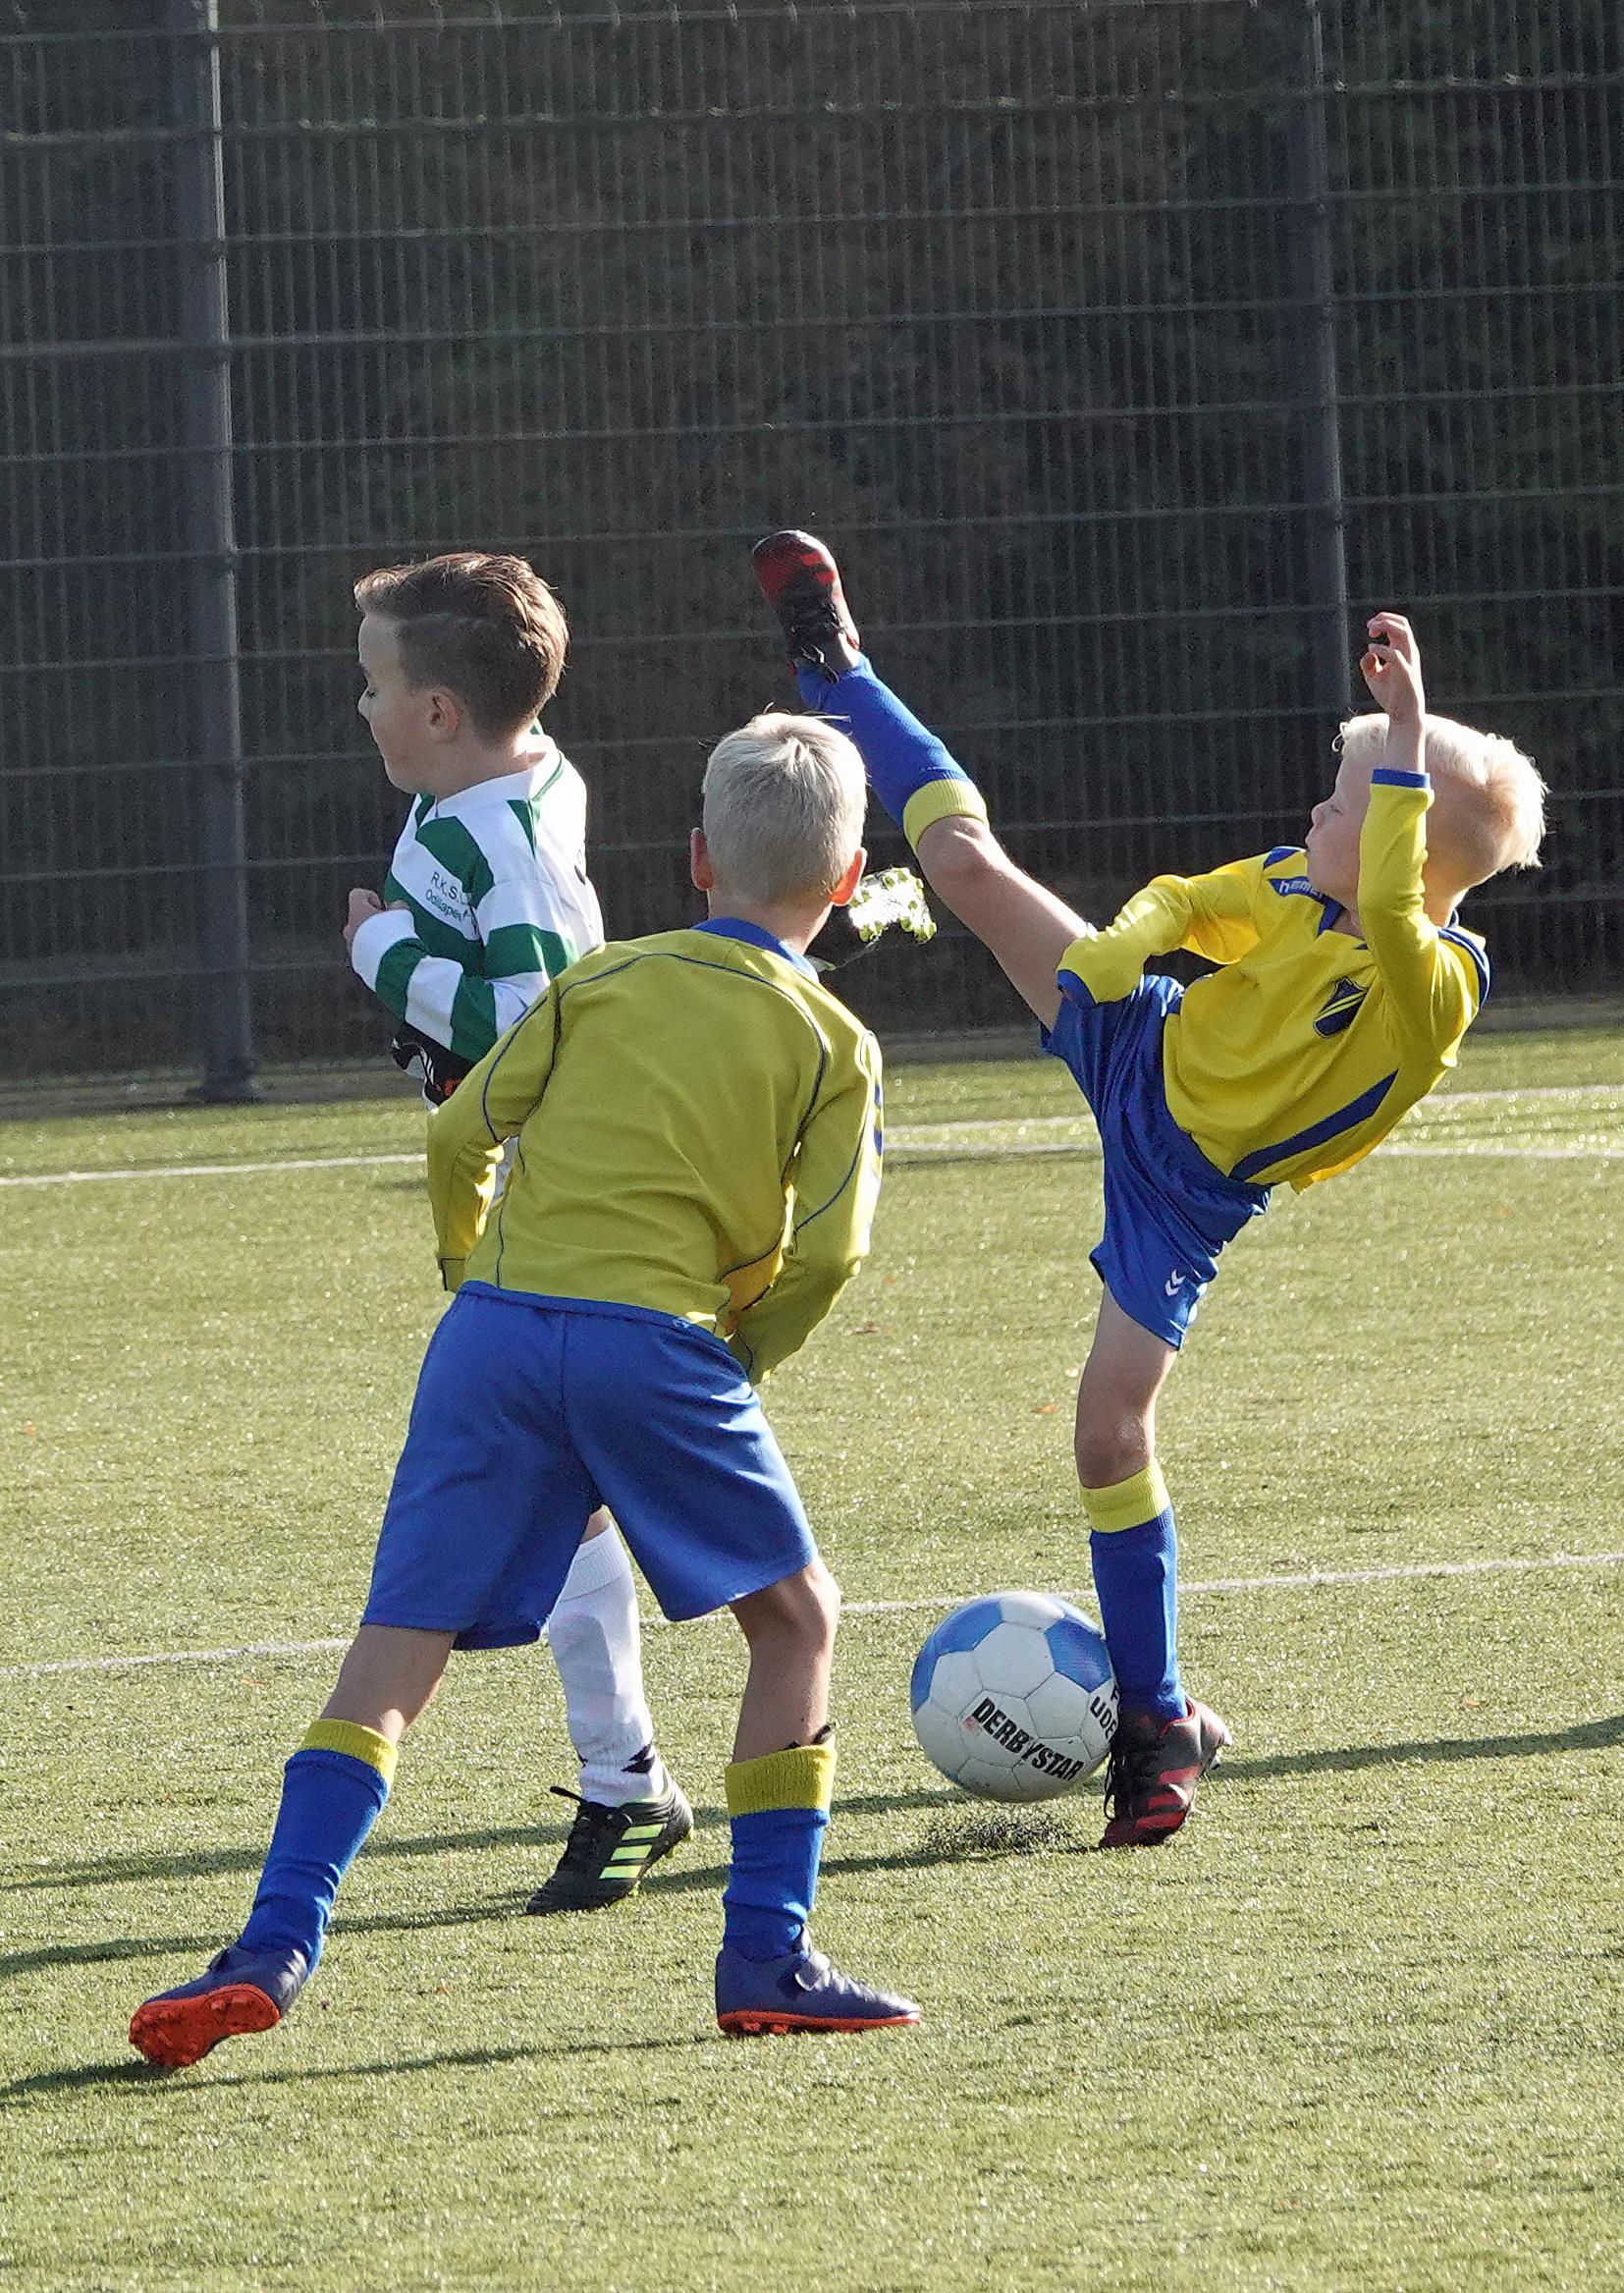 Voetbal FC Uden JO9 – 2G tegen Odiliapeel/Braks Gro JO9 – 1G (26 september2020)